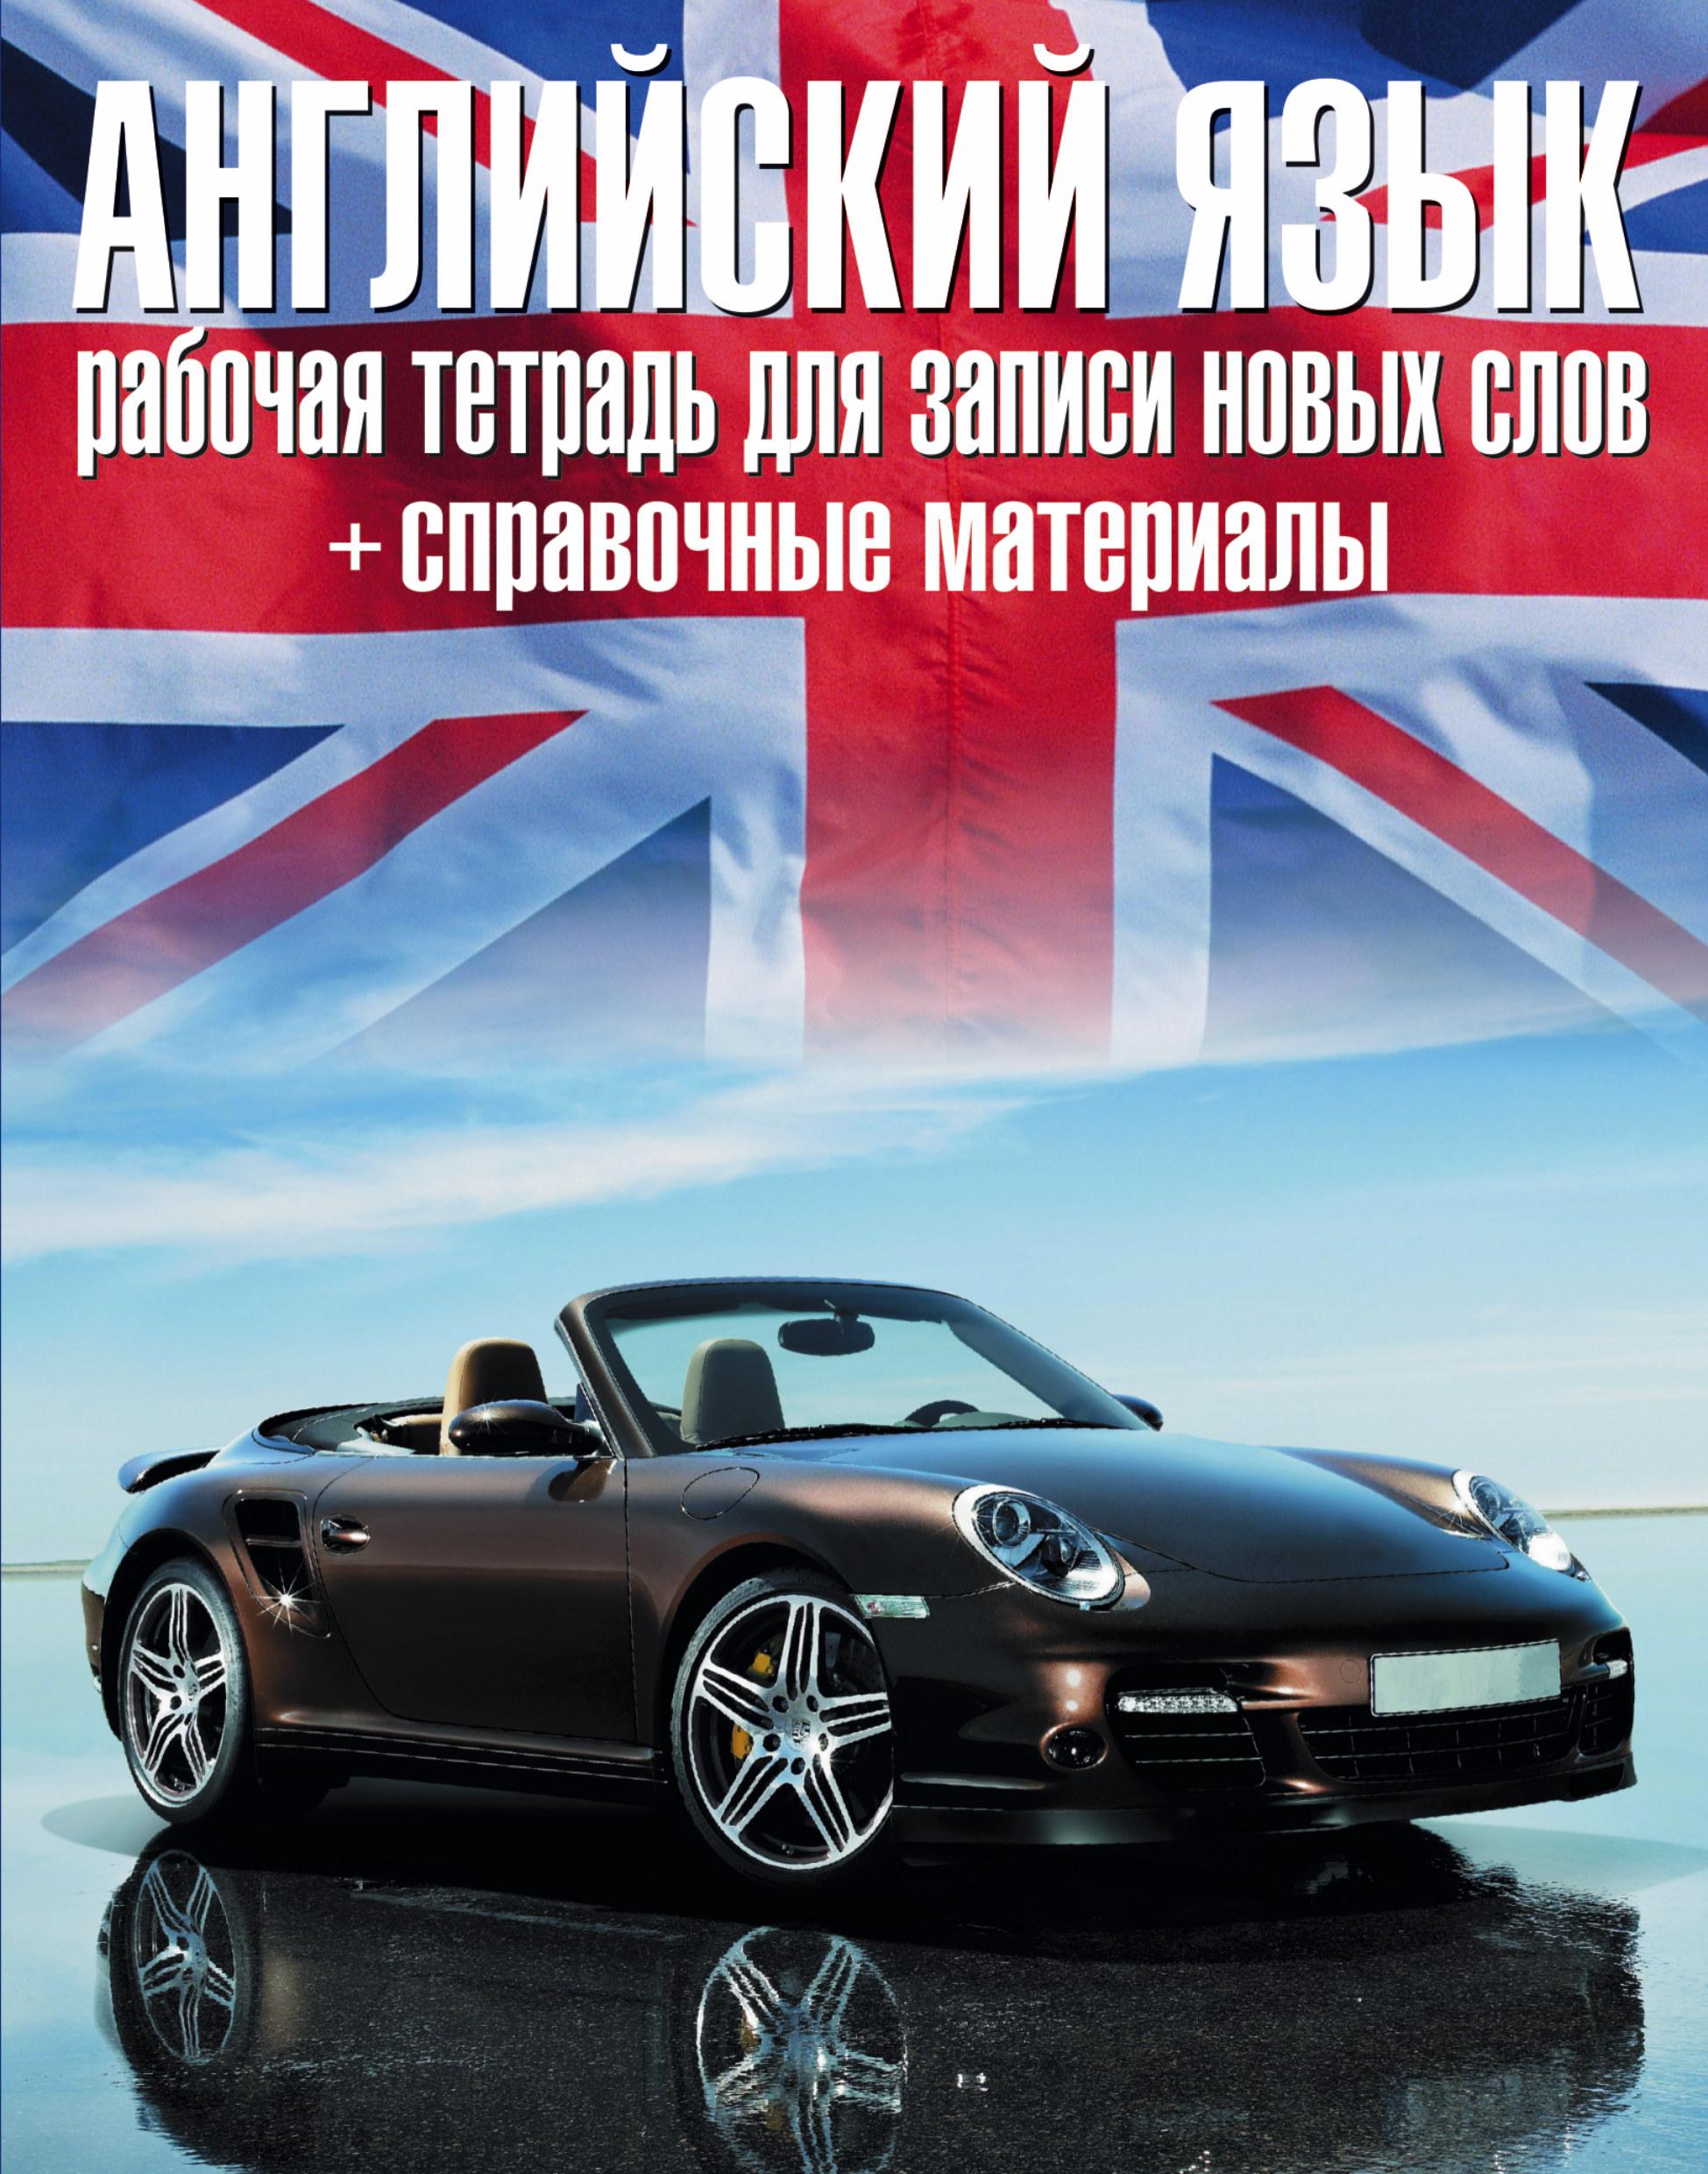 Английский язык. Рабочая тетрадь для записи новых слов+справочные (автомобиль)